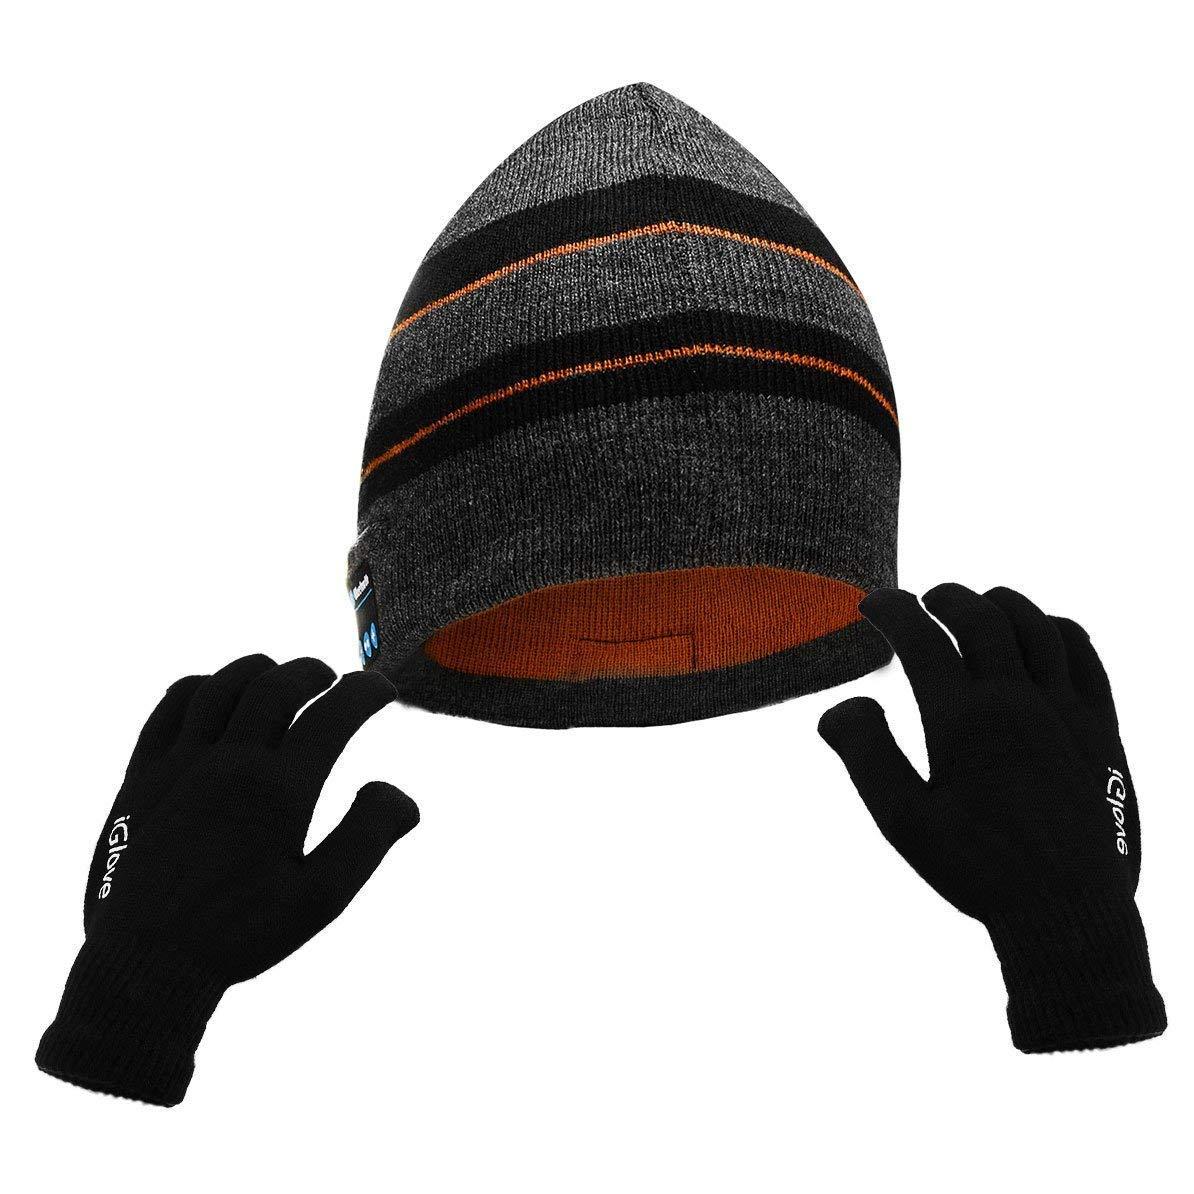 Powcan Cappello Bluetooth con Guanti da Touch Screen Musica Autunno e Inverno Bluetooth Cappello Auricolare Bluetooth Senza Fili Regalo di Festival